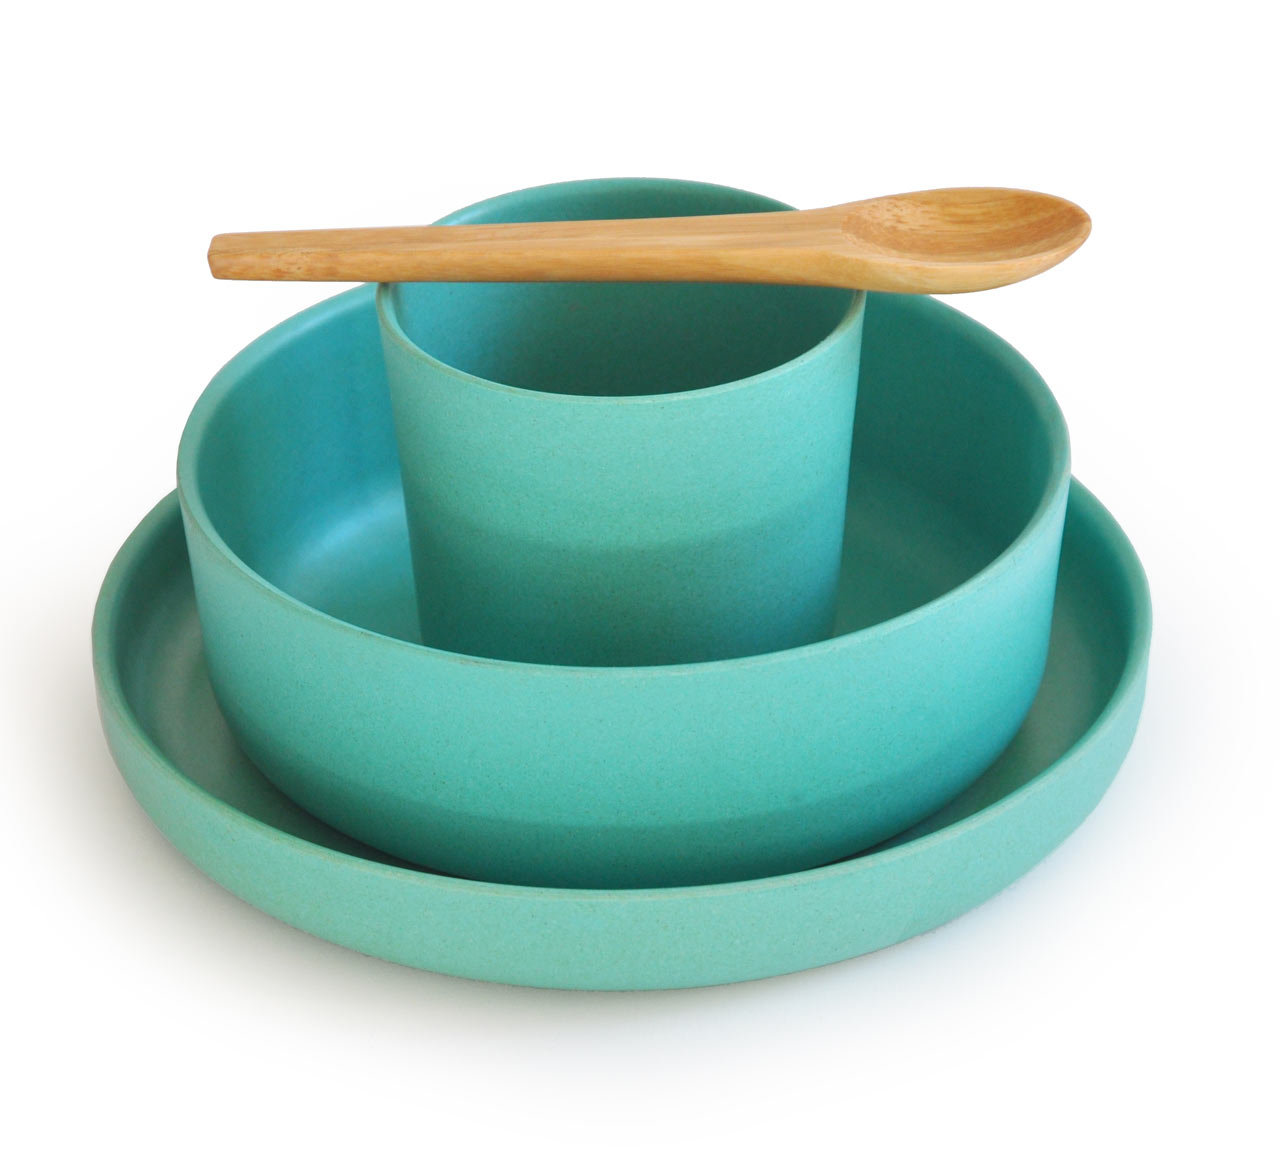 Biobu-Bamboo-Kids-Tableware-Ekobo-9